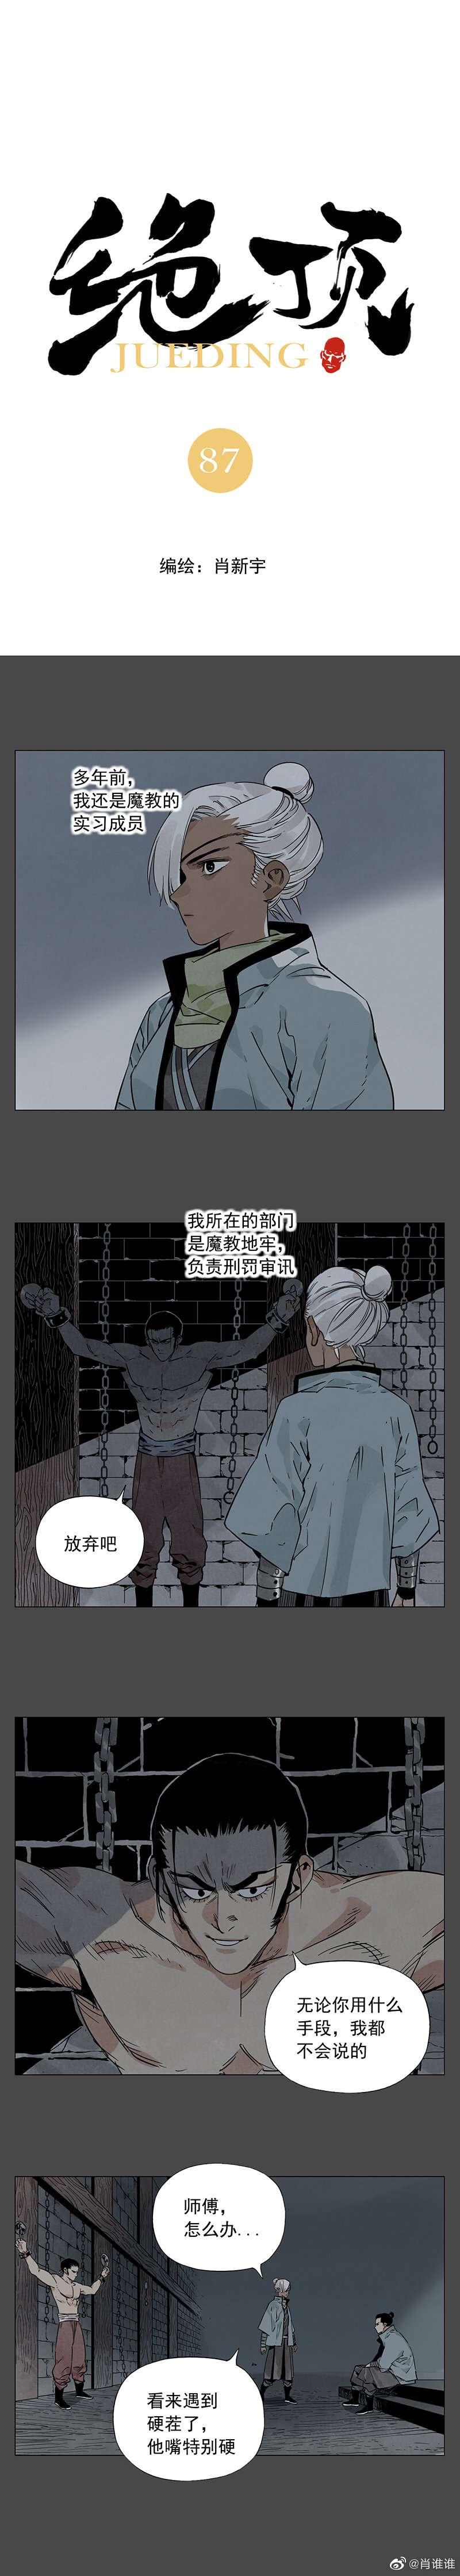 【漫画更新】绝顶87~88-小柚妹站